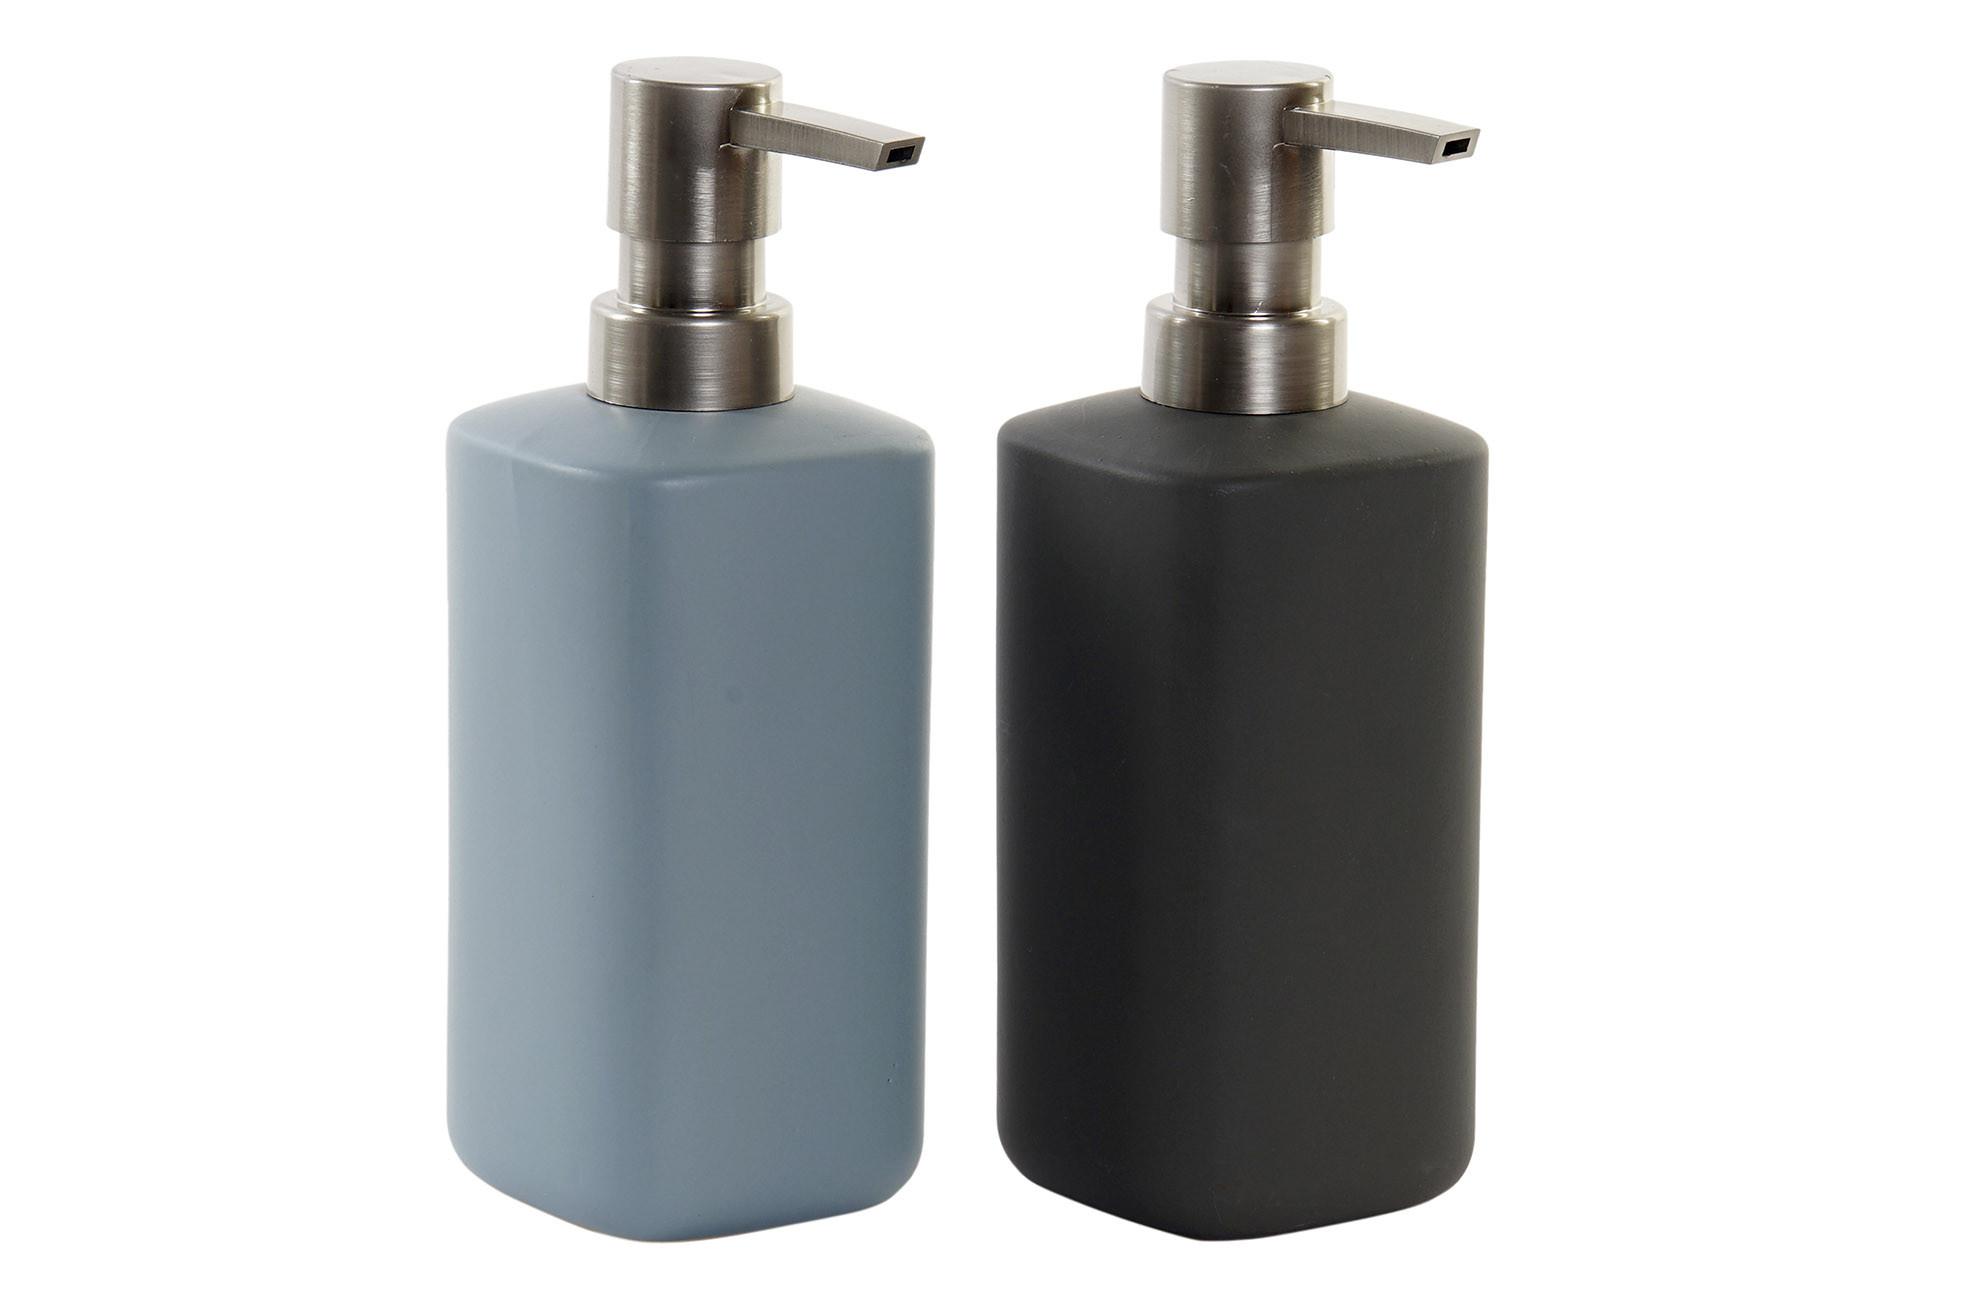 Dosificadores de Jabón Mate en Cerámica para Baño o Cocina, Dosificador de Jabón Manos/Ducha 7x19 cm